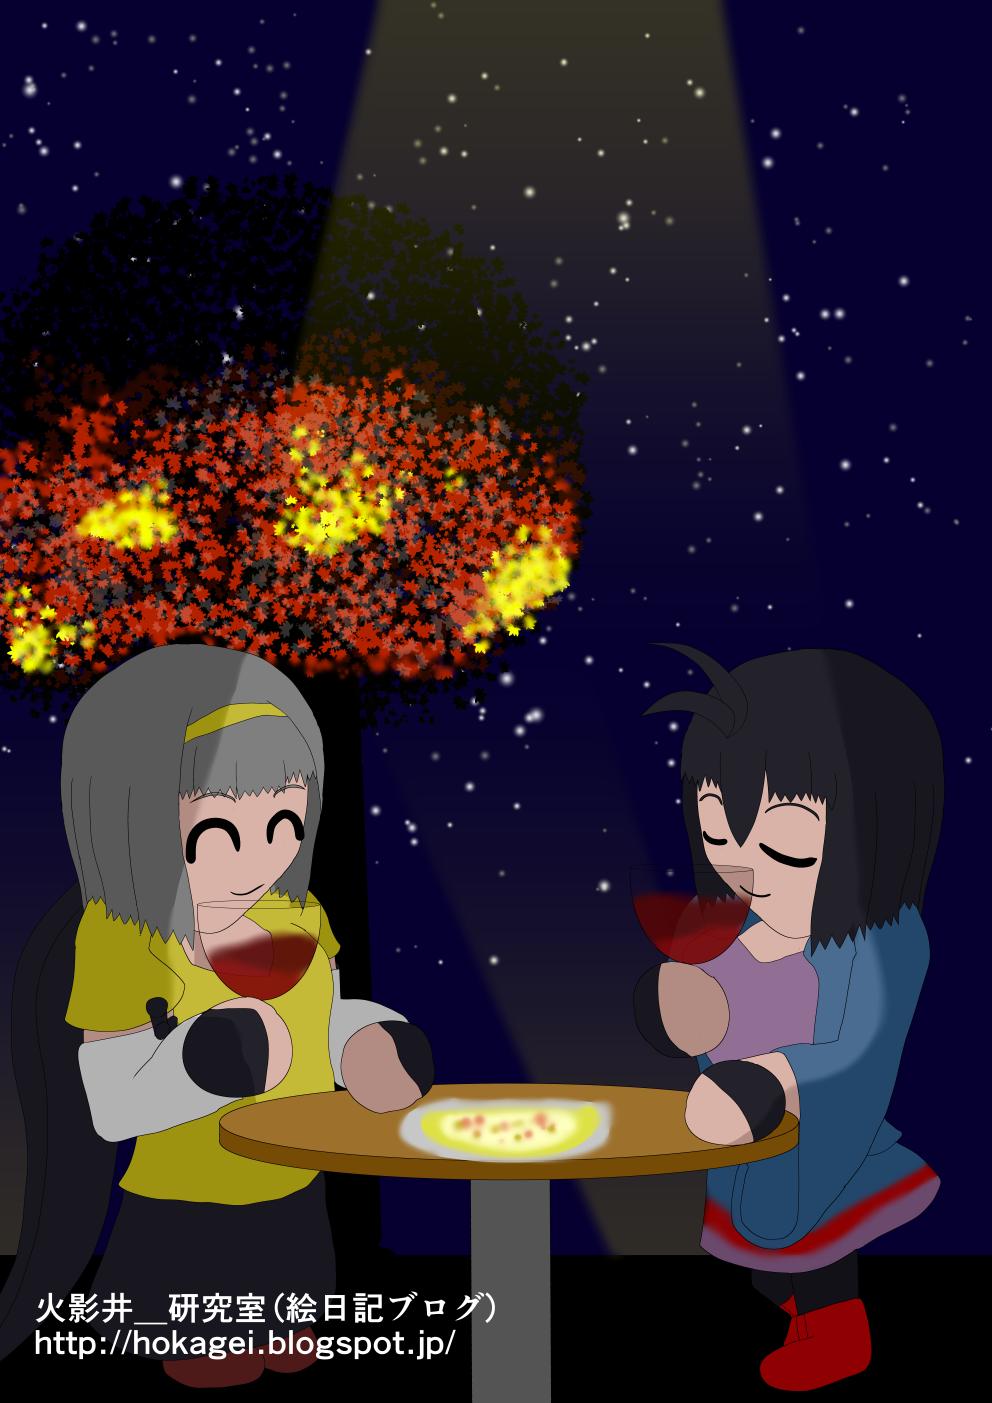 秋(八雲楓、羽園雫)